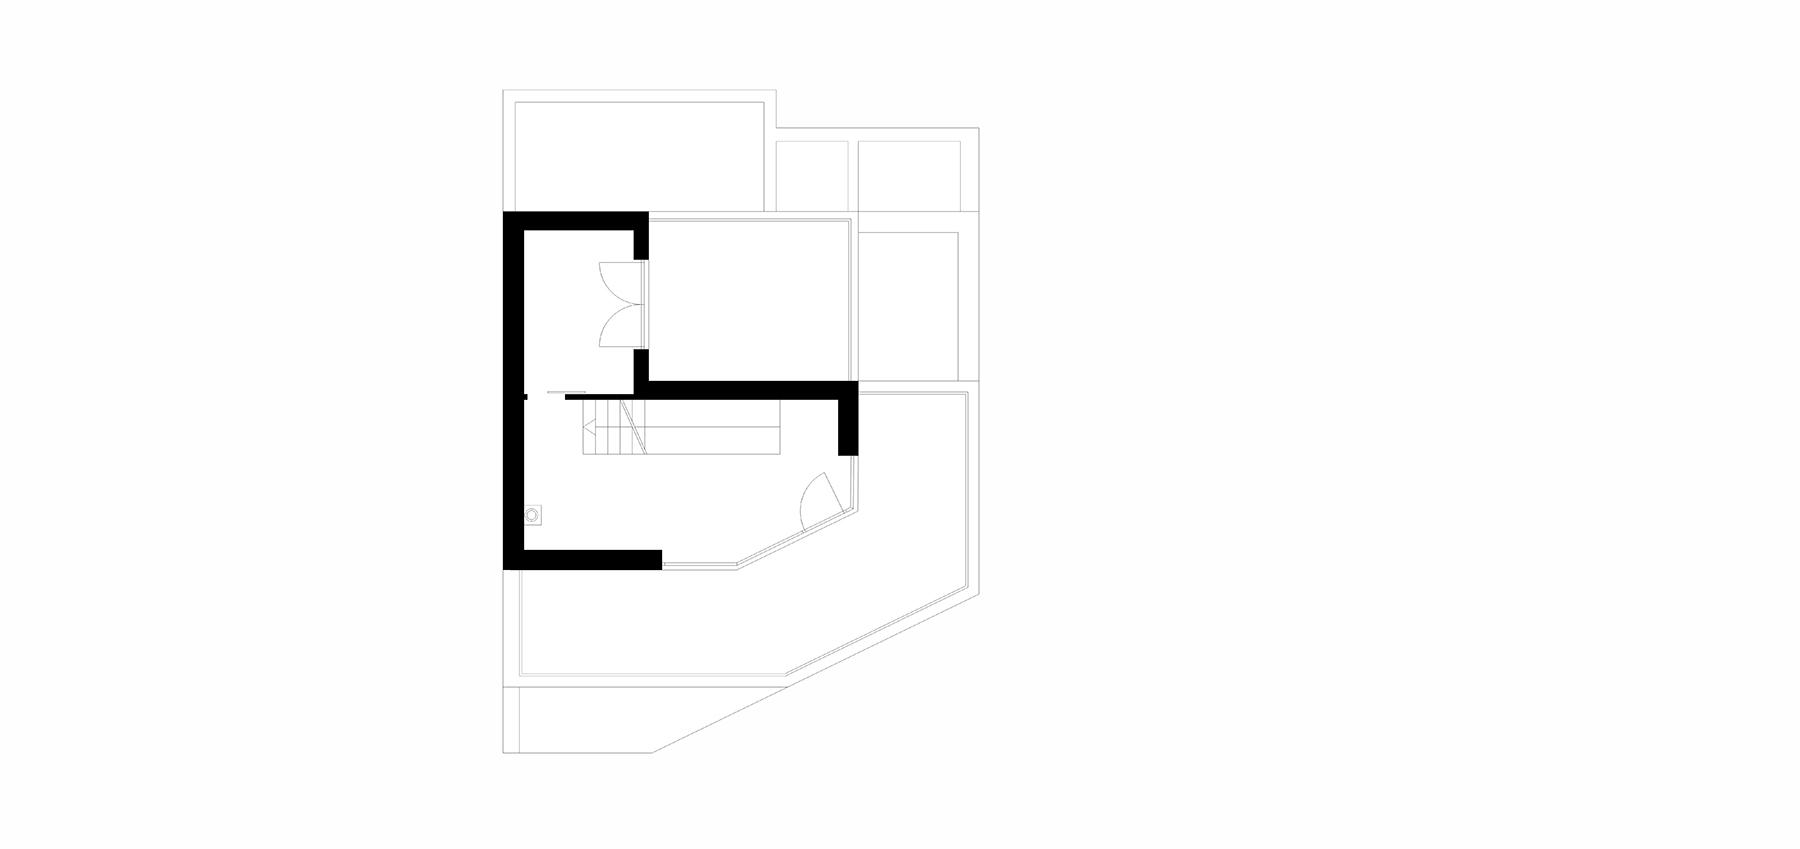 wunschhaus-haus-g16-Plan-DG